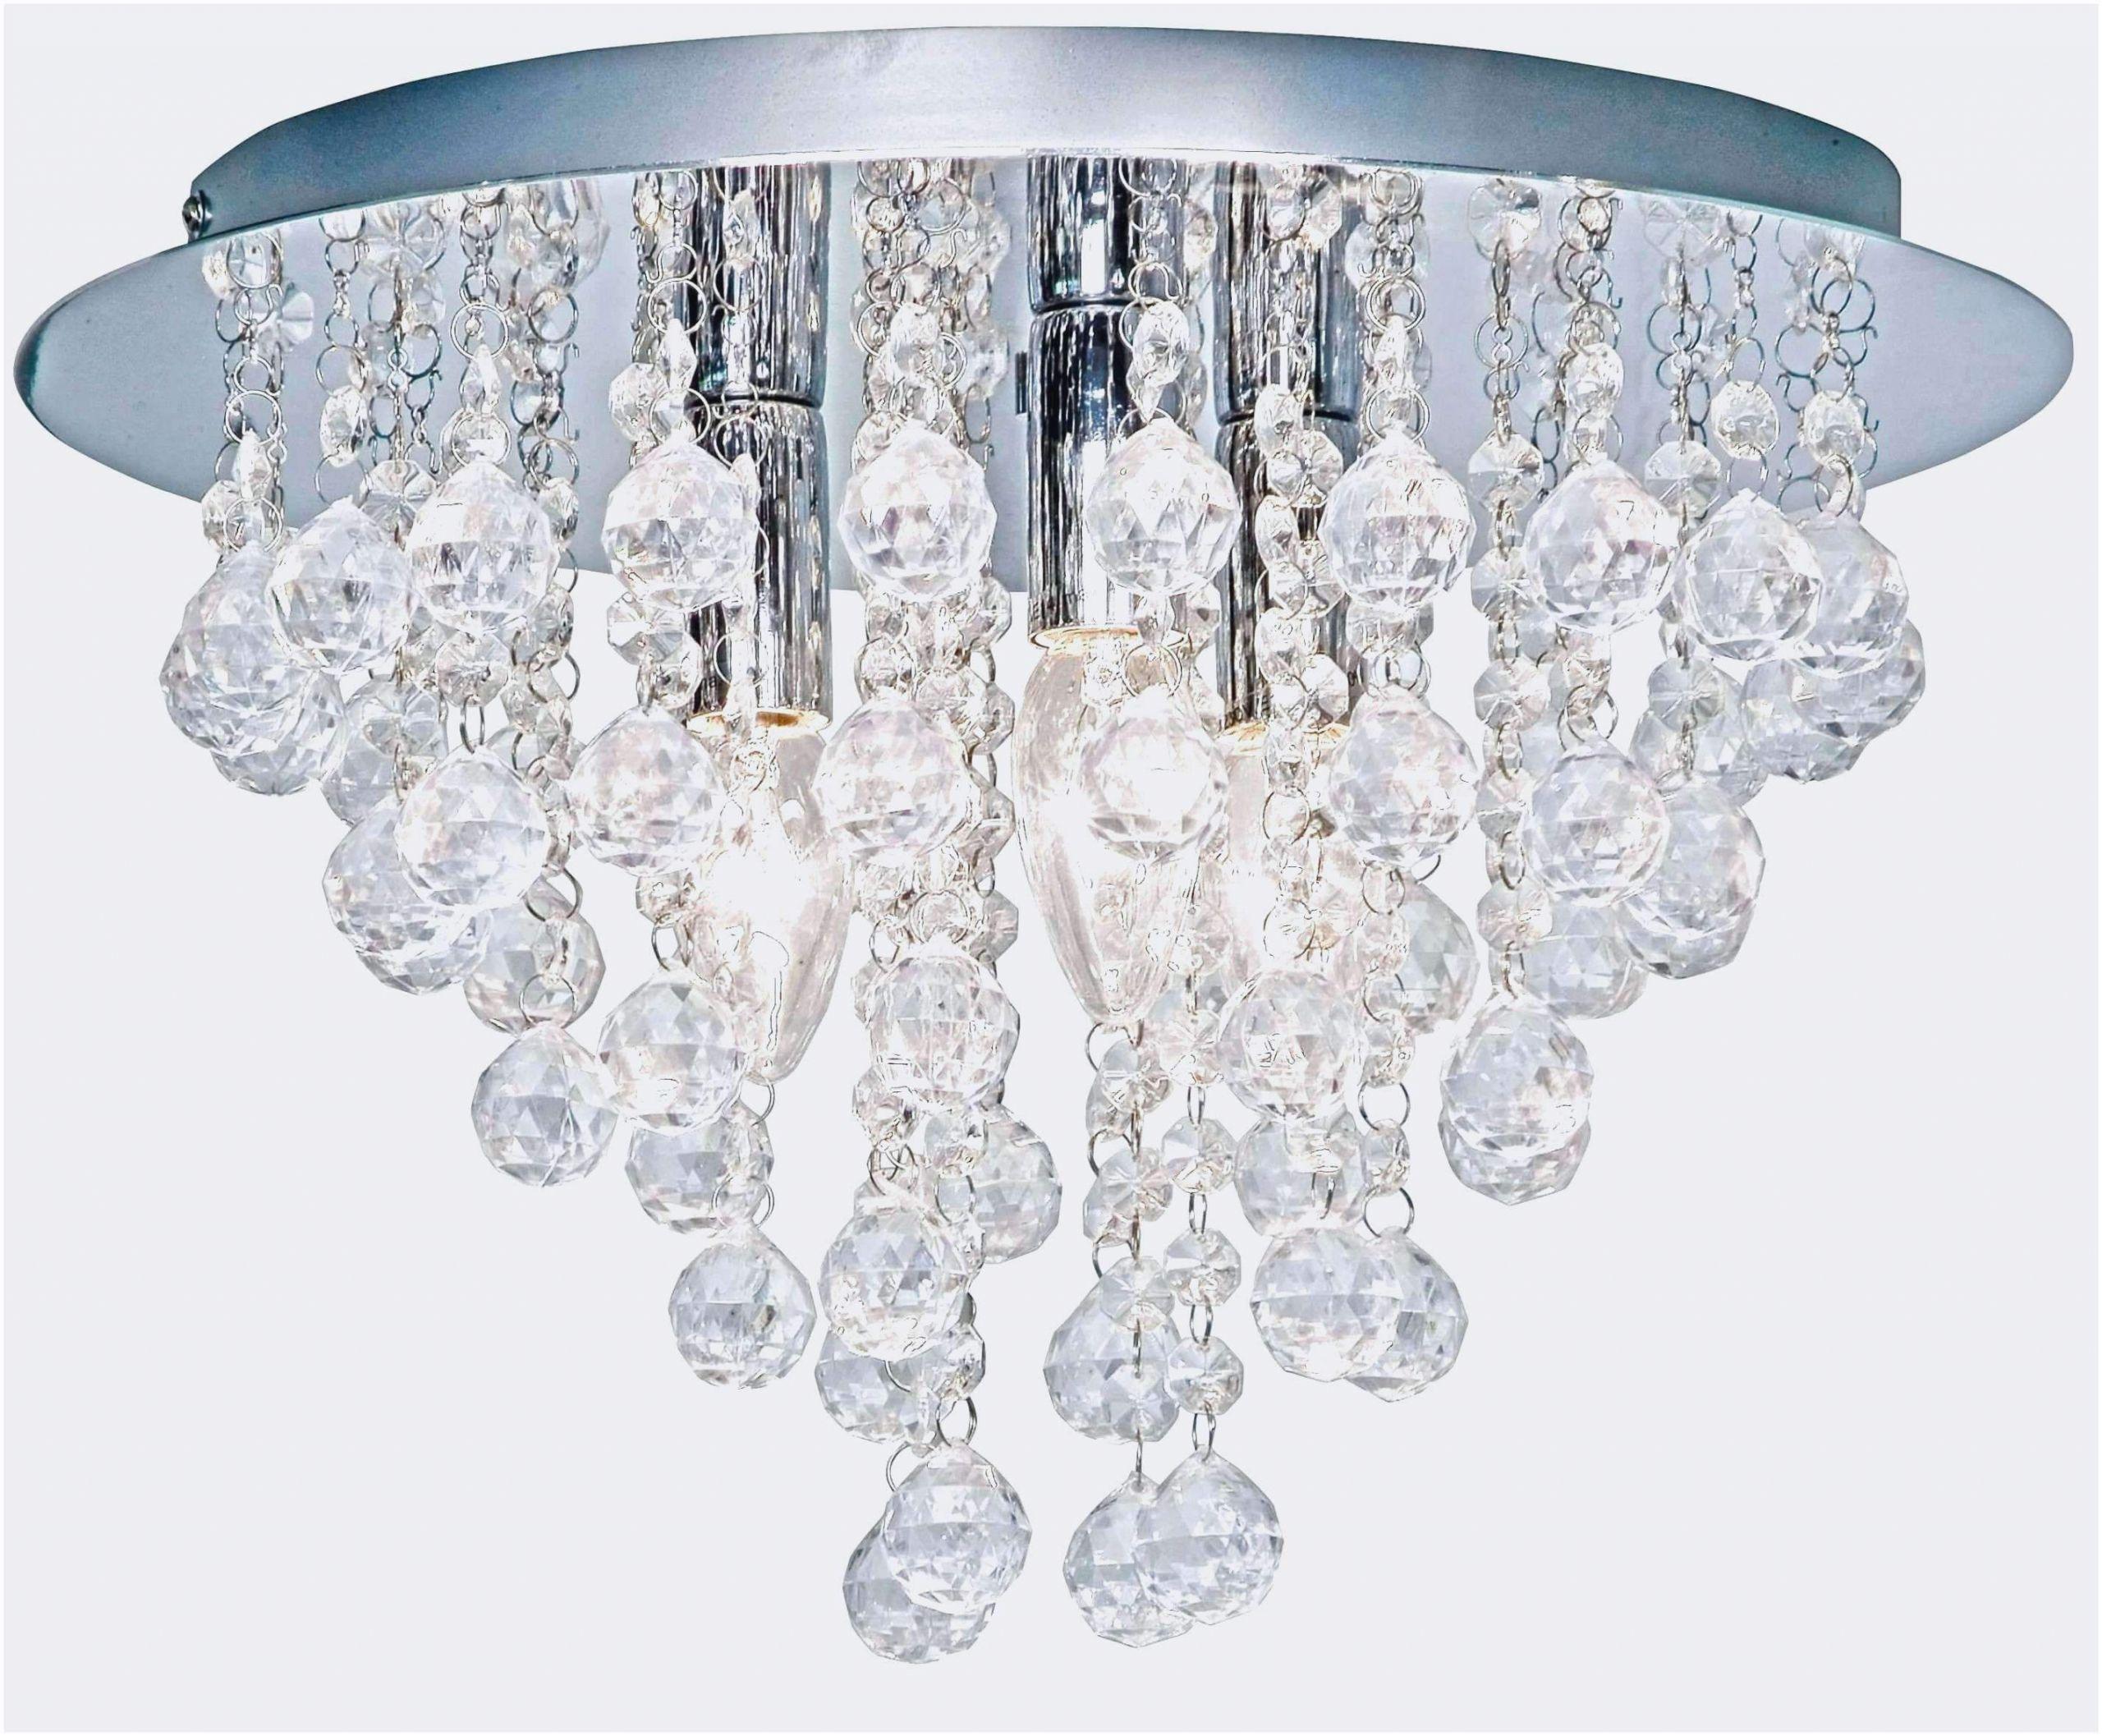 Full Size of Ikea Wohnzimmer Lampe Lampenschirm Lampen Leuchten Luxus Luxe Led Badezimmer Bestevon Sofa Mit Schlaffunktion Tischlampe Esstisch Landhausstil Schrankwand Wohnzimmer Ikea Wohnzimmer Lampe